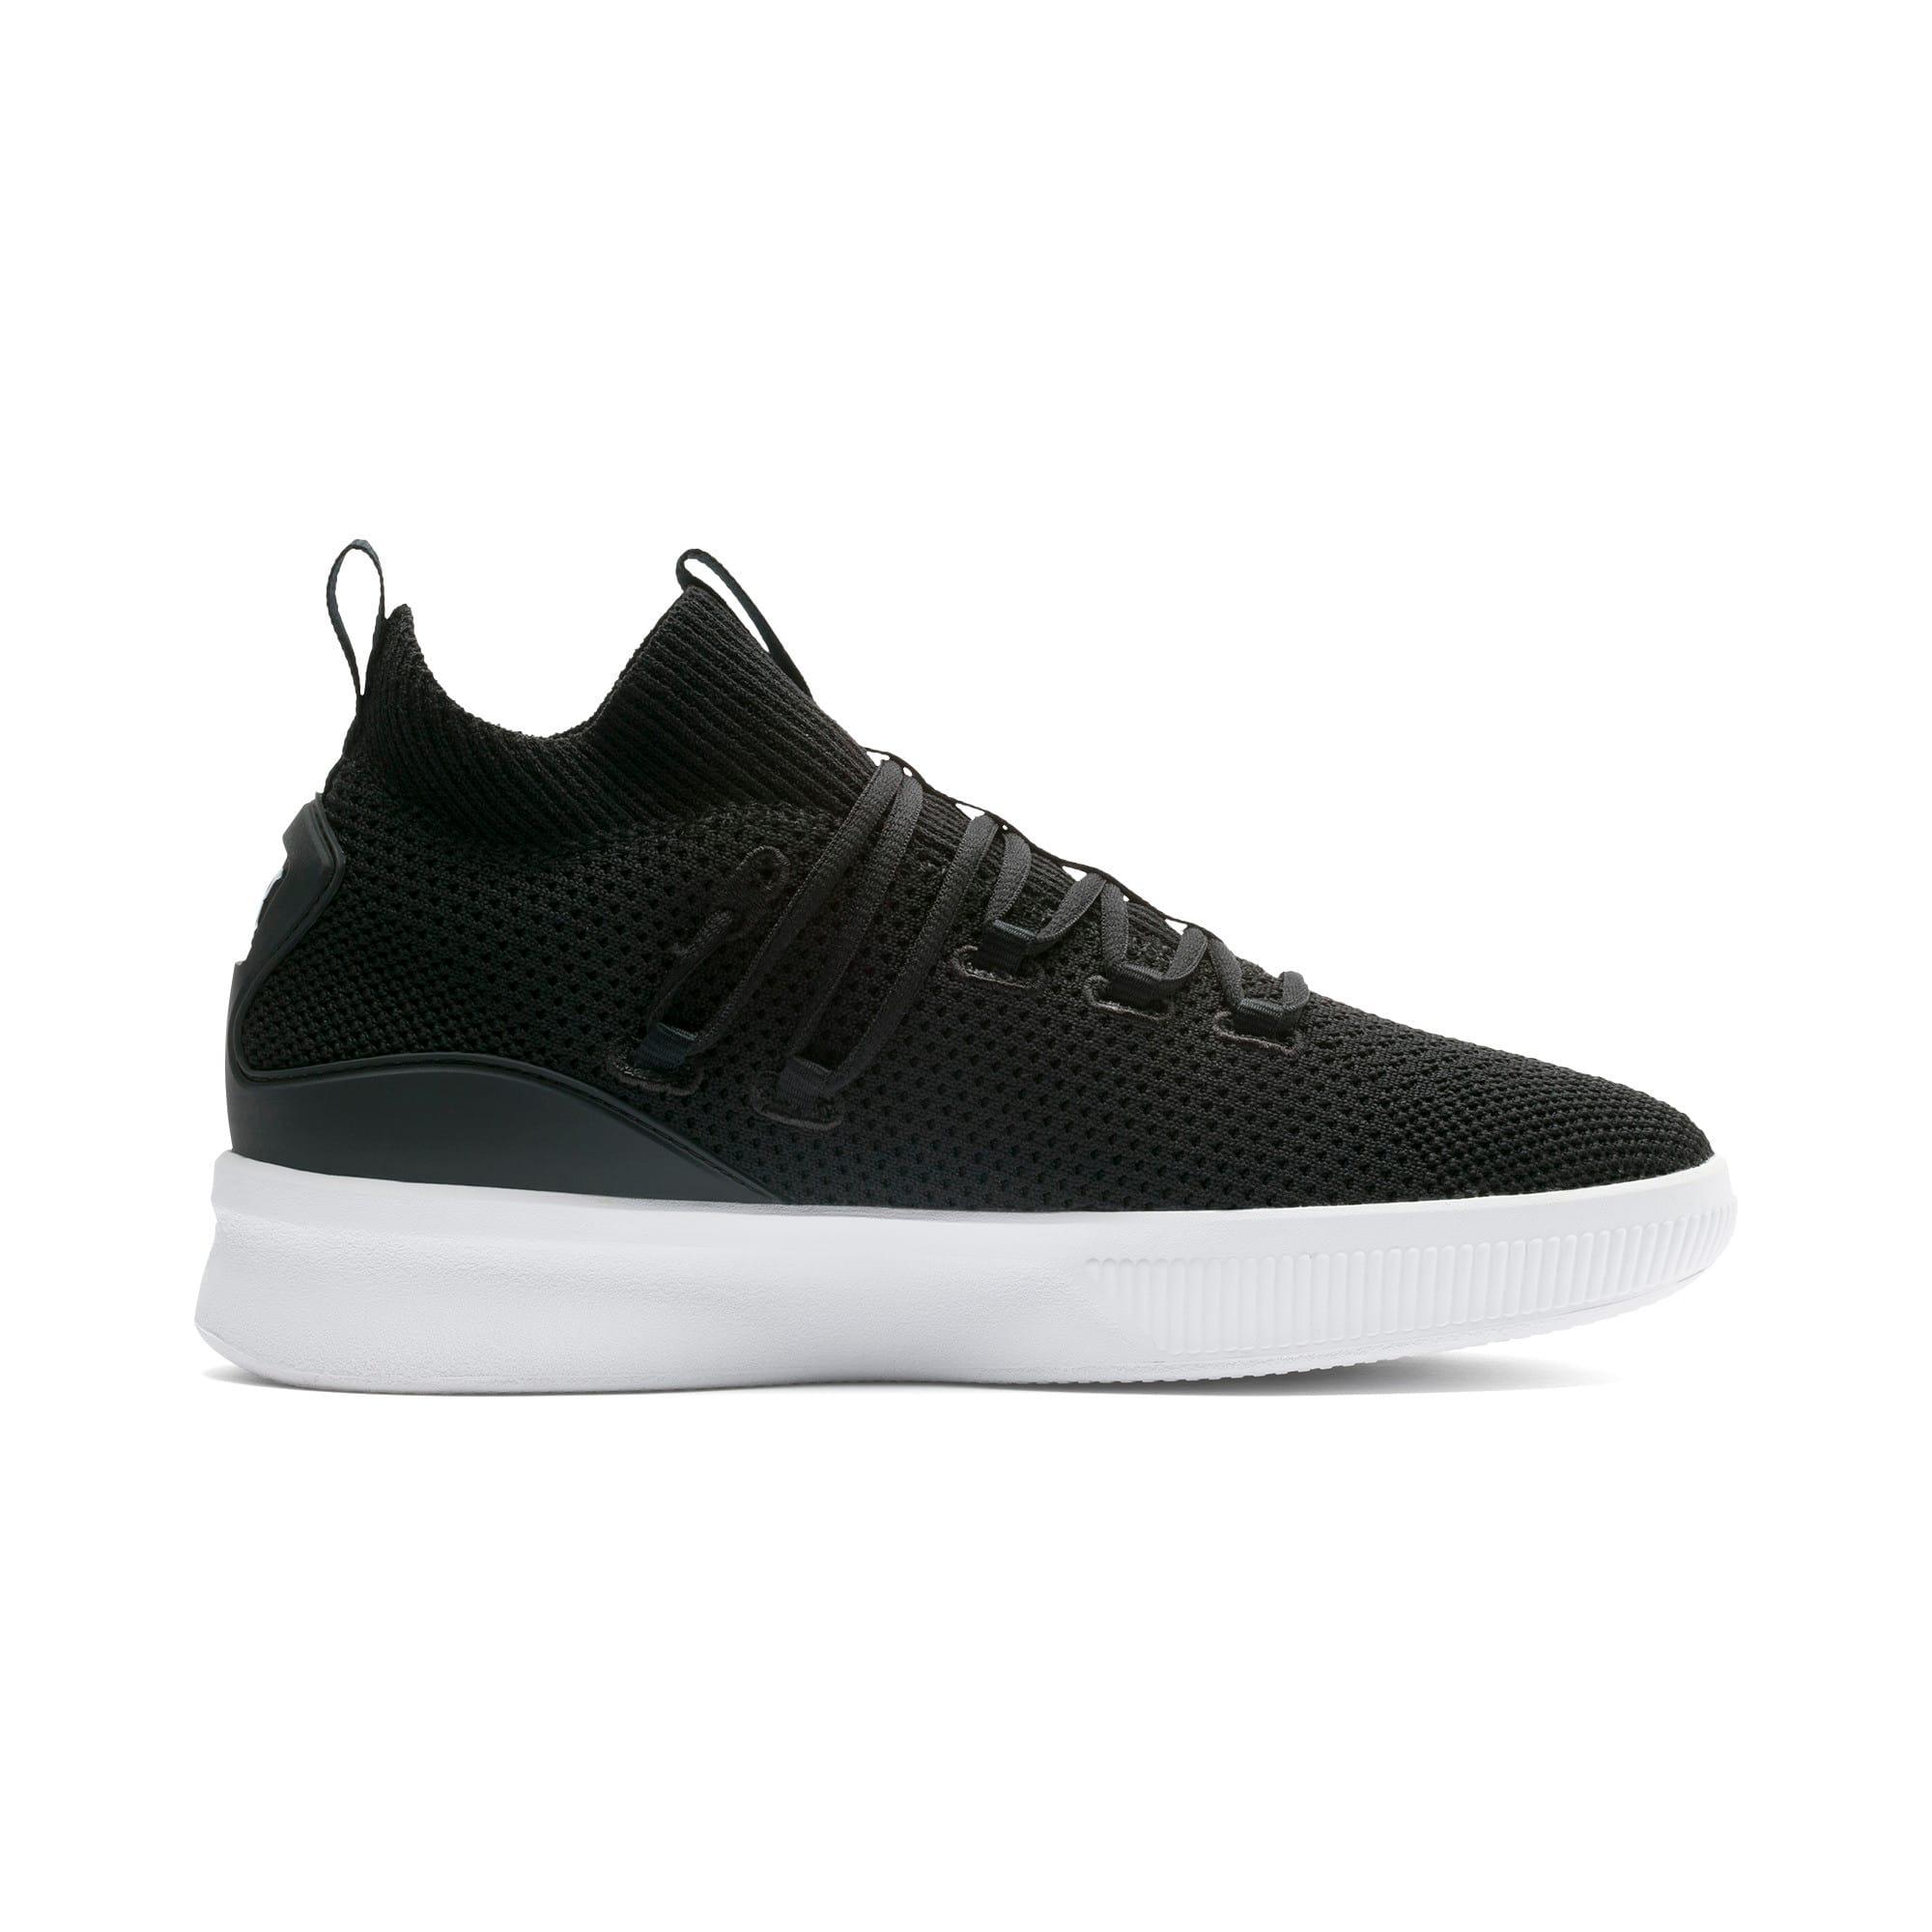 Imagen en miniatura 5 de Zapatillas de baloncesto Clyde Court, Puma Black, mediana